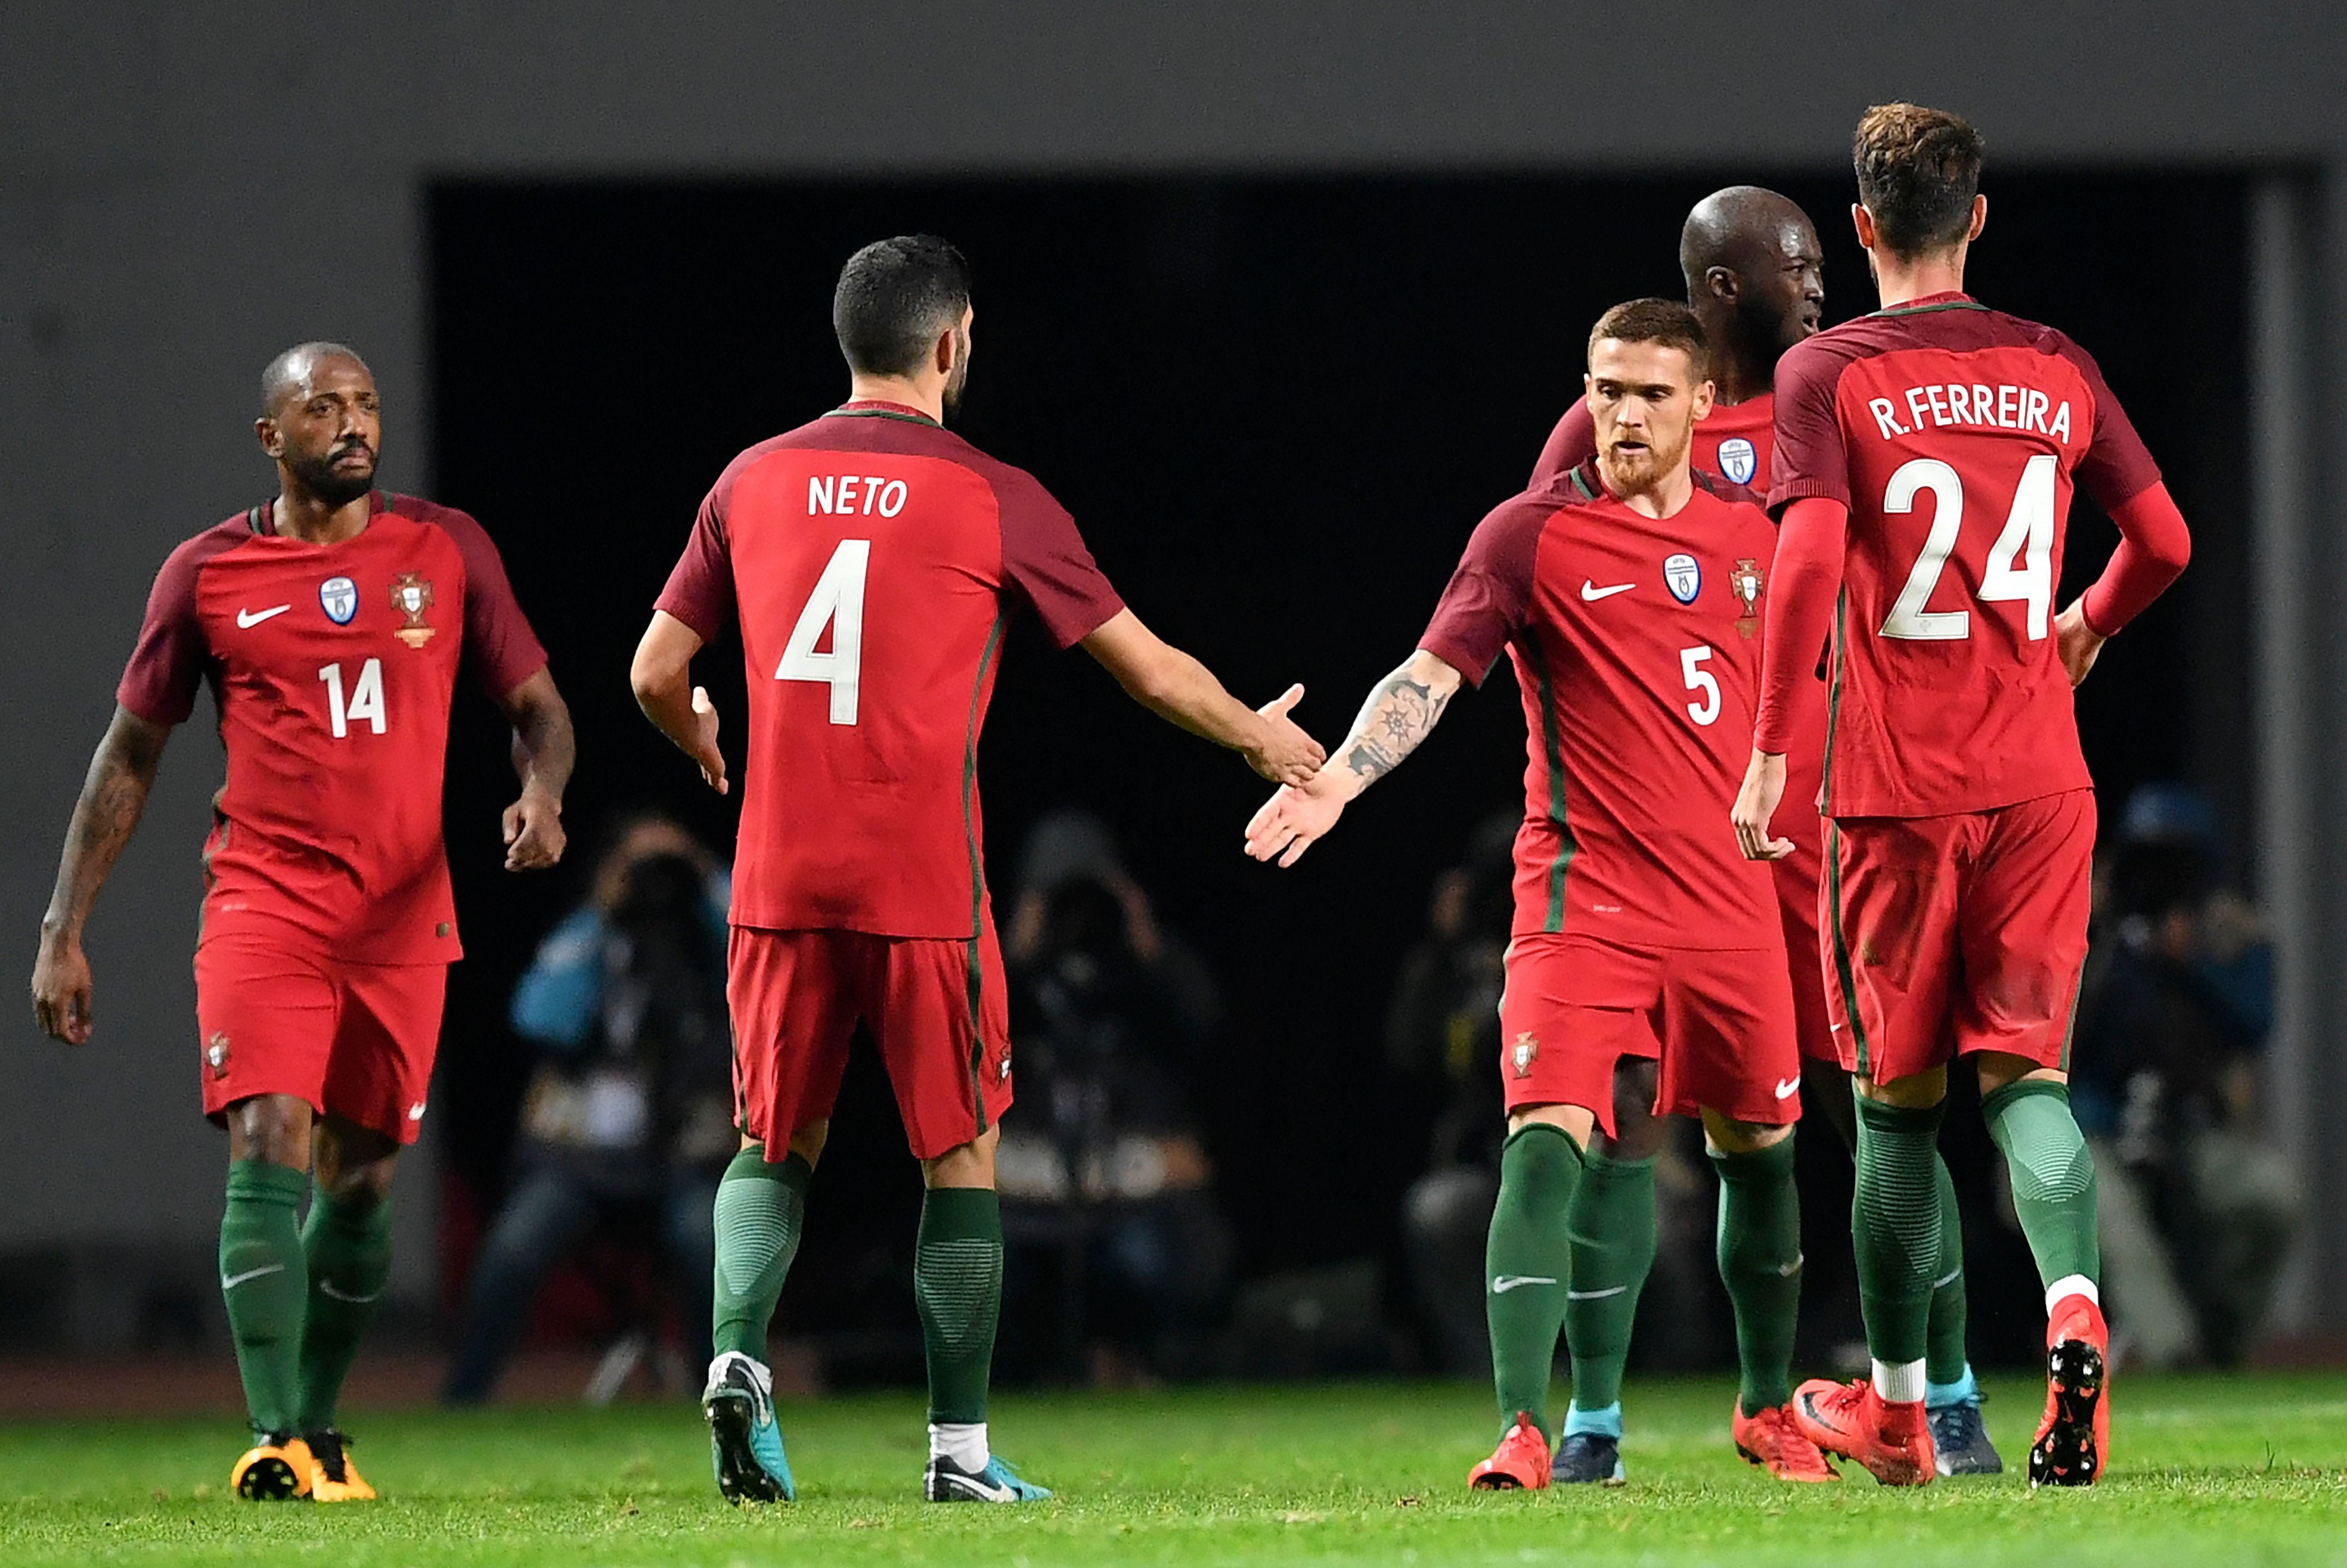 Campanha solidária da Seleção Nacional já angariou 370 mil euros